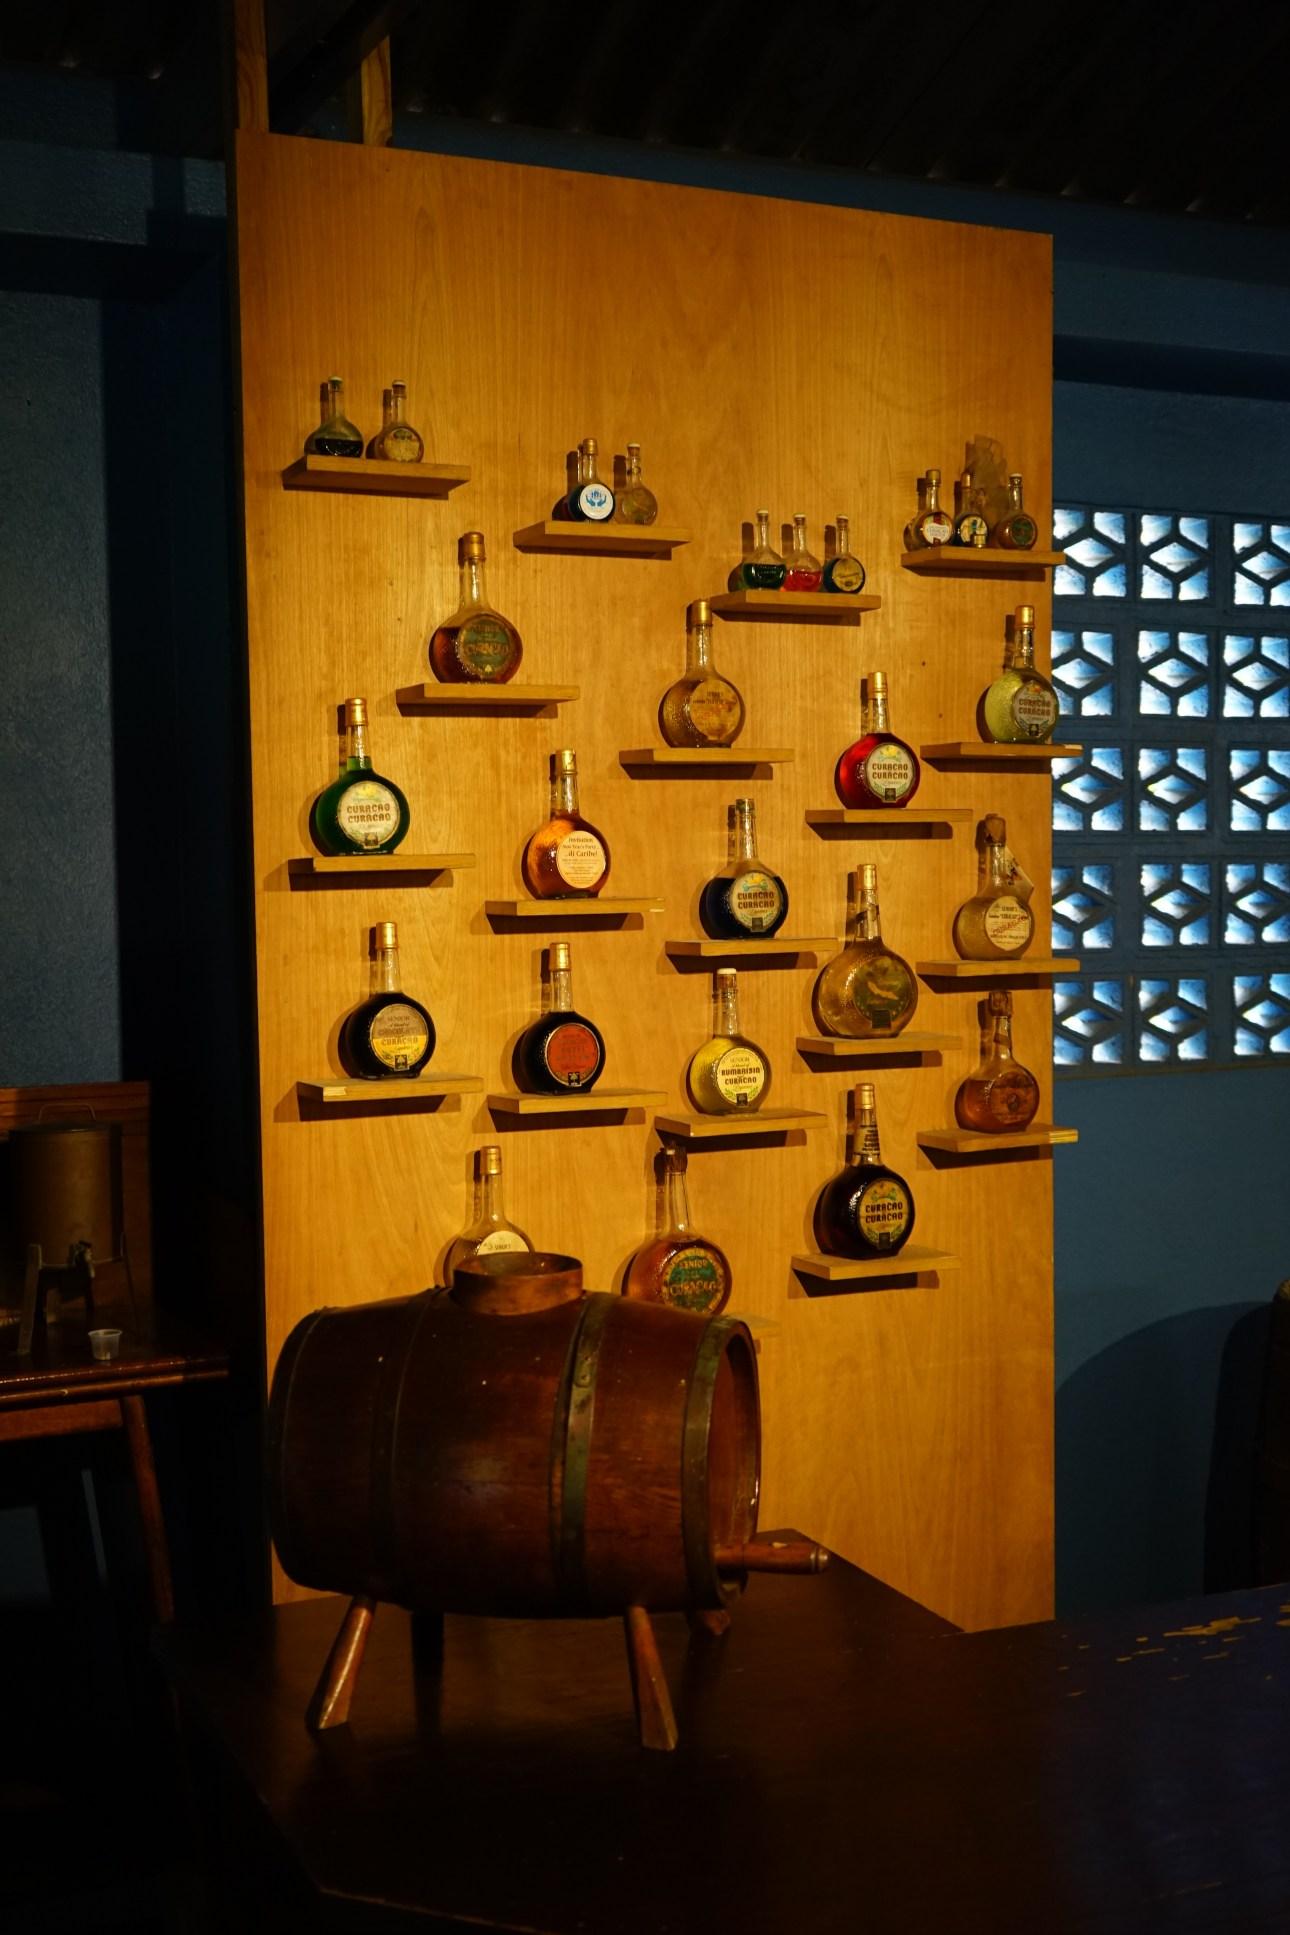 Landhuis Chobolobo,Brennerei Senior Co. und die Geschichte des Blue Curaçao Likör